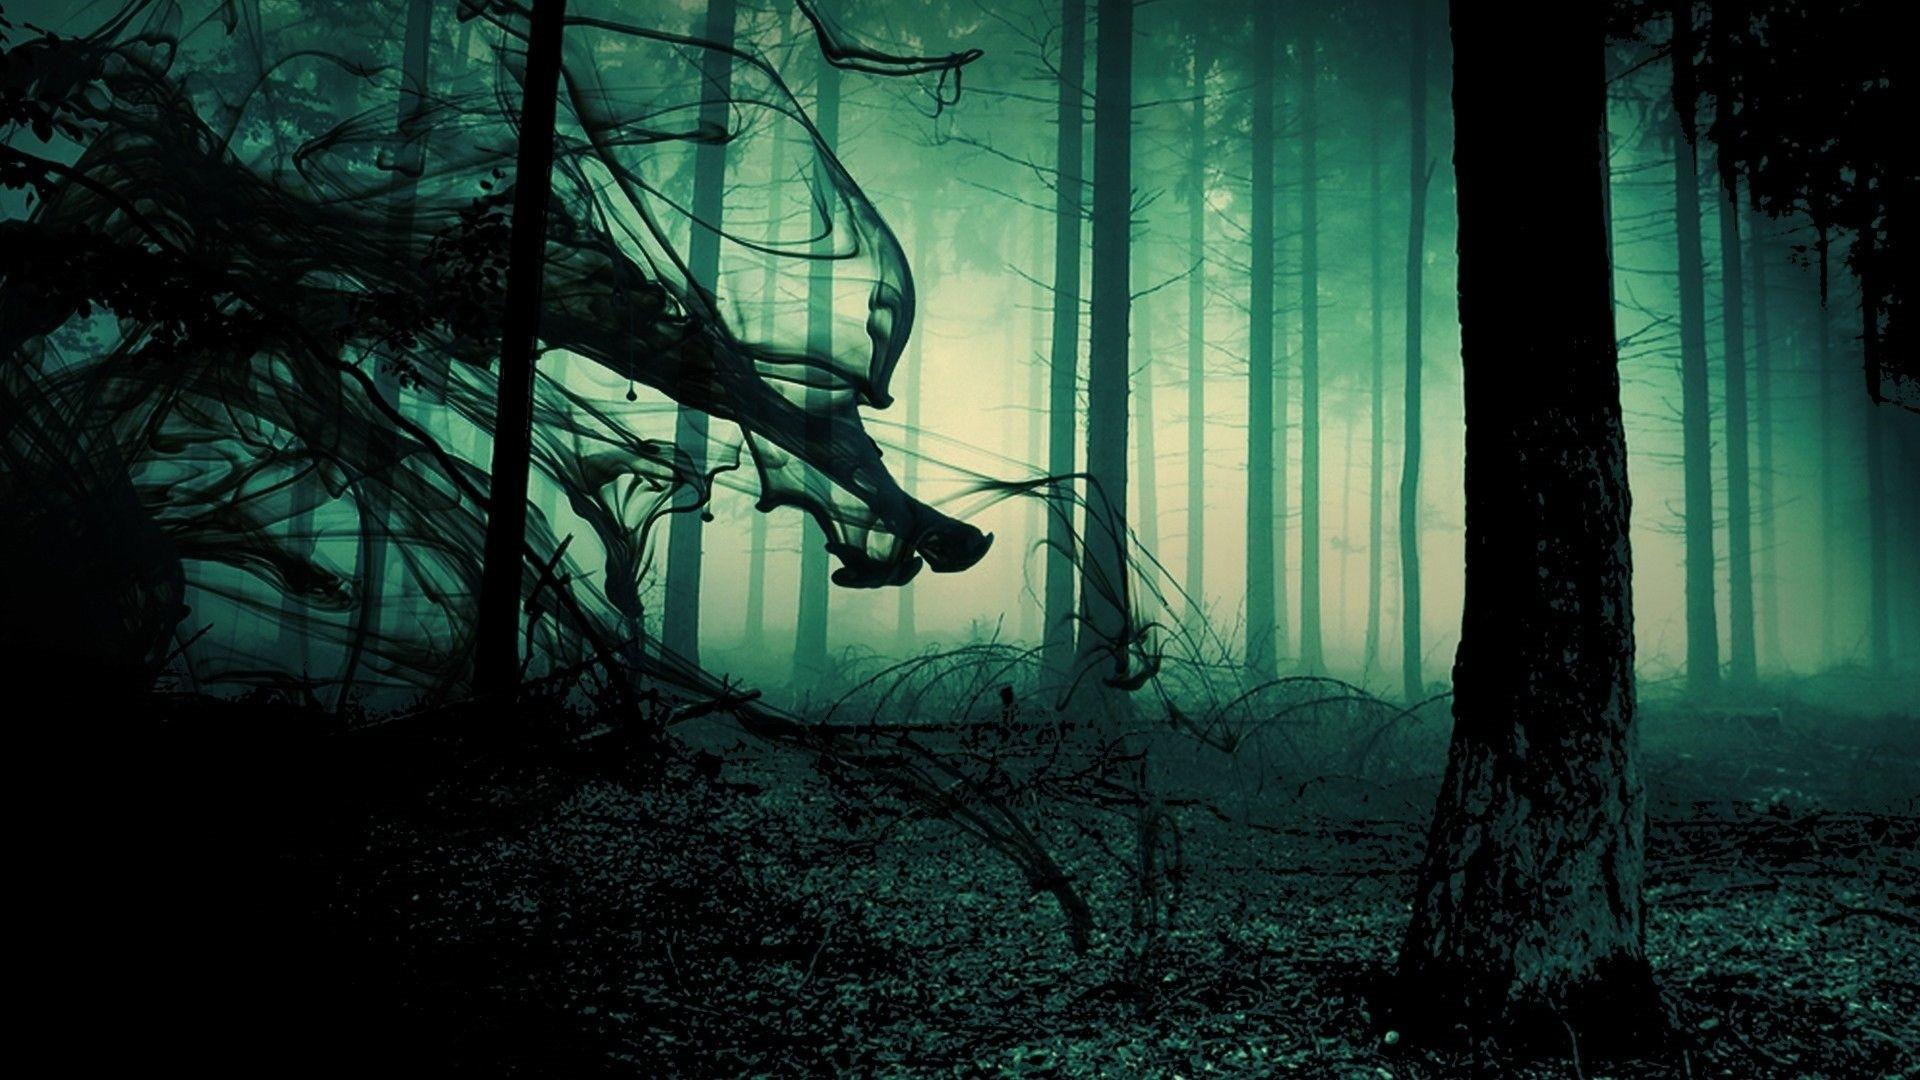 Dark Theme Background Wallpaper